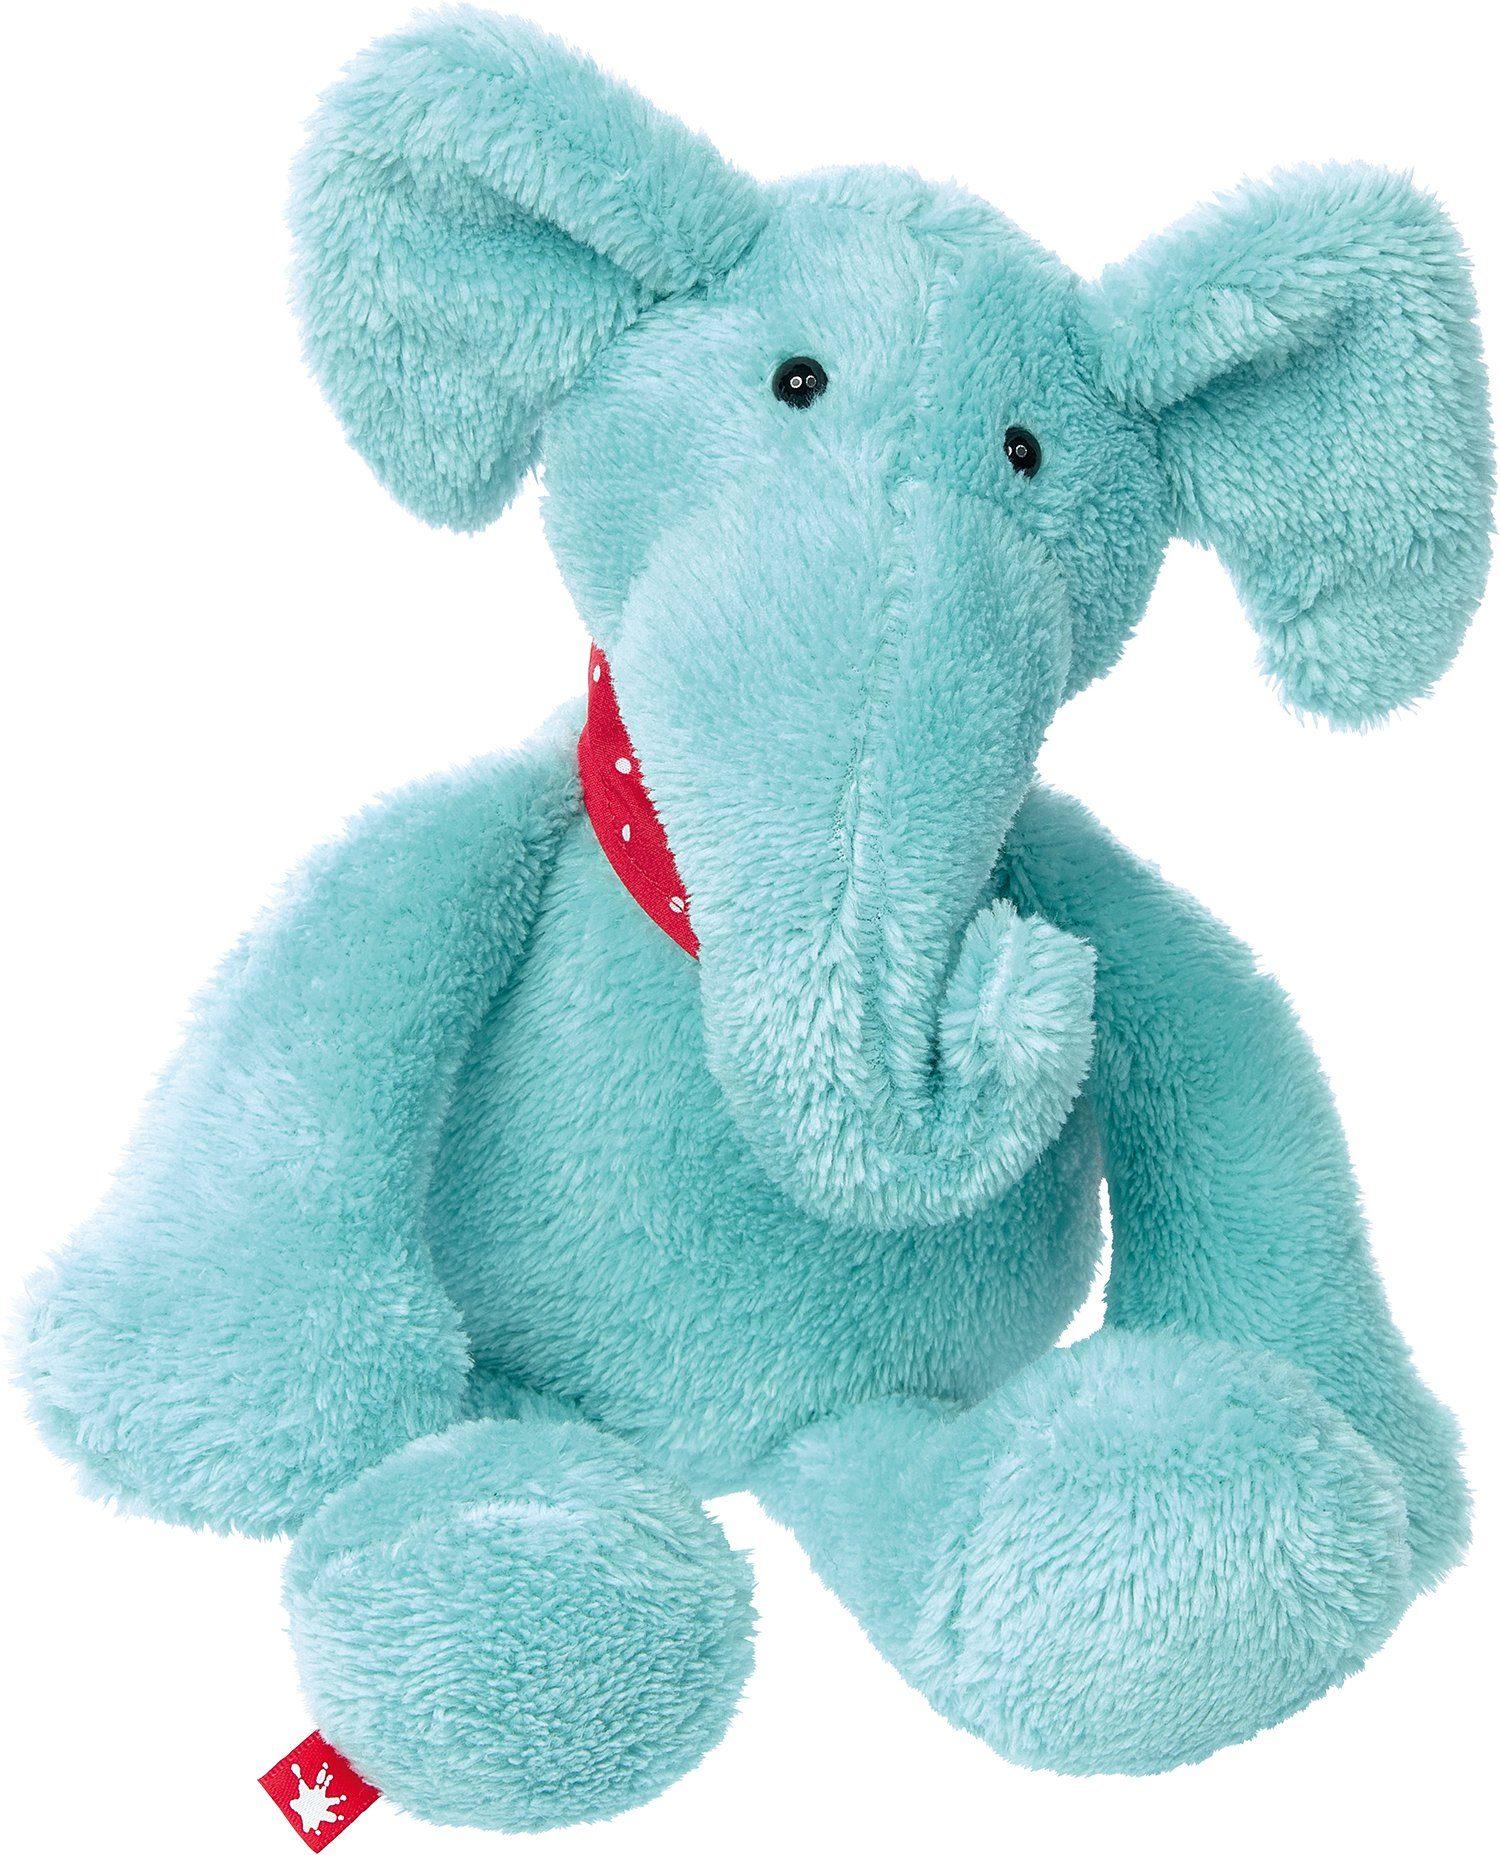 sigikid® Plüschtier, »Elefant klein Coloured Sweety, ca. 29 cm«